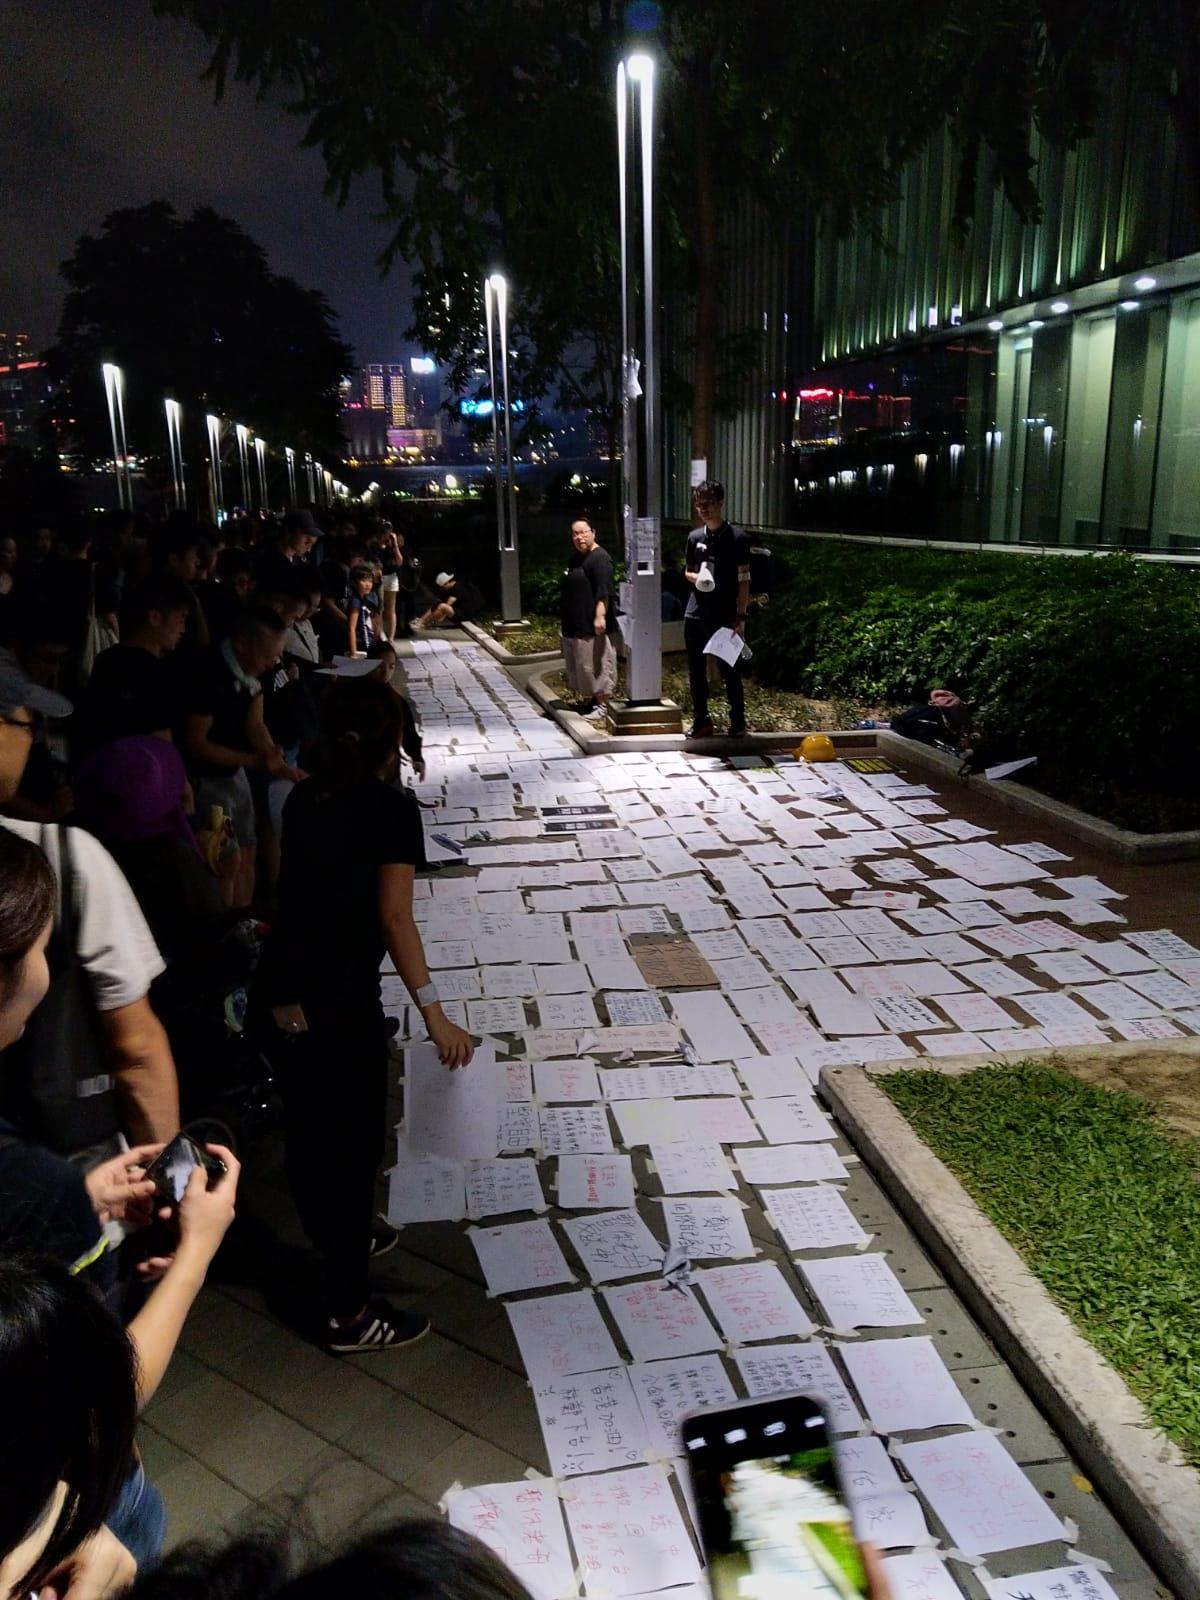 """2019年6月16日,近200万不满香港政府拒绝撤回""""送中""""条例的香港市民举行了示威游行。图为香港市民写的夙愿卡。16日深夜 。(戴维提供)"""